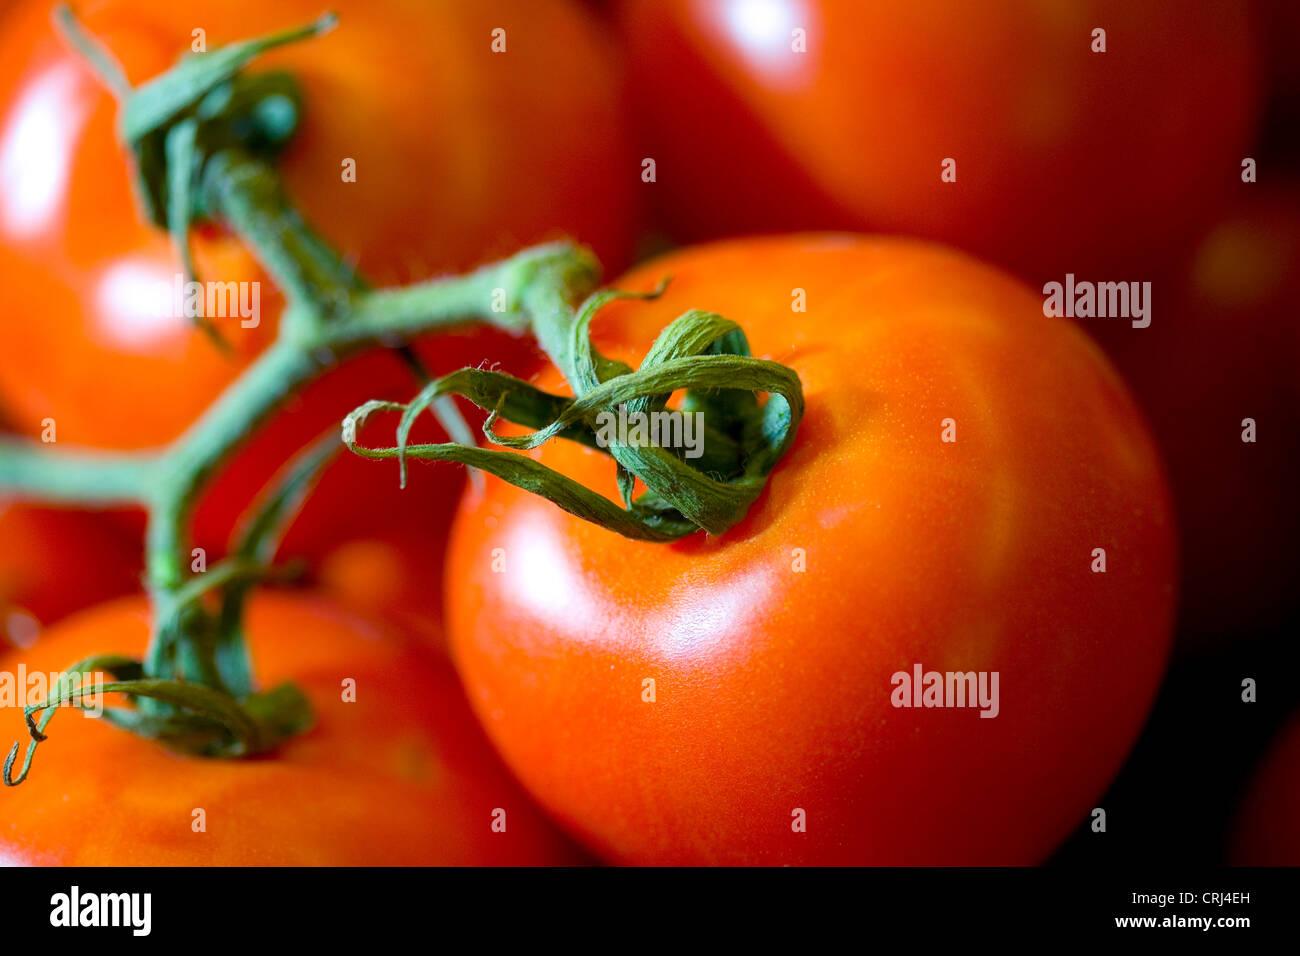 Cancro antiossidante cataratta Cibo Cibo roba alimentare frutta fresca la malattia di cuore il licopene Lycopersicon Immagini Stock